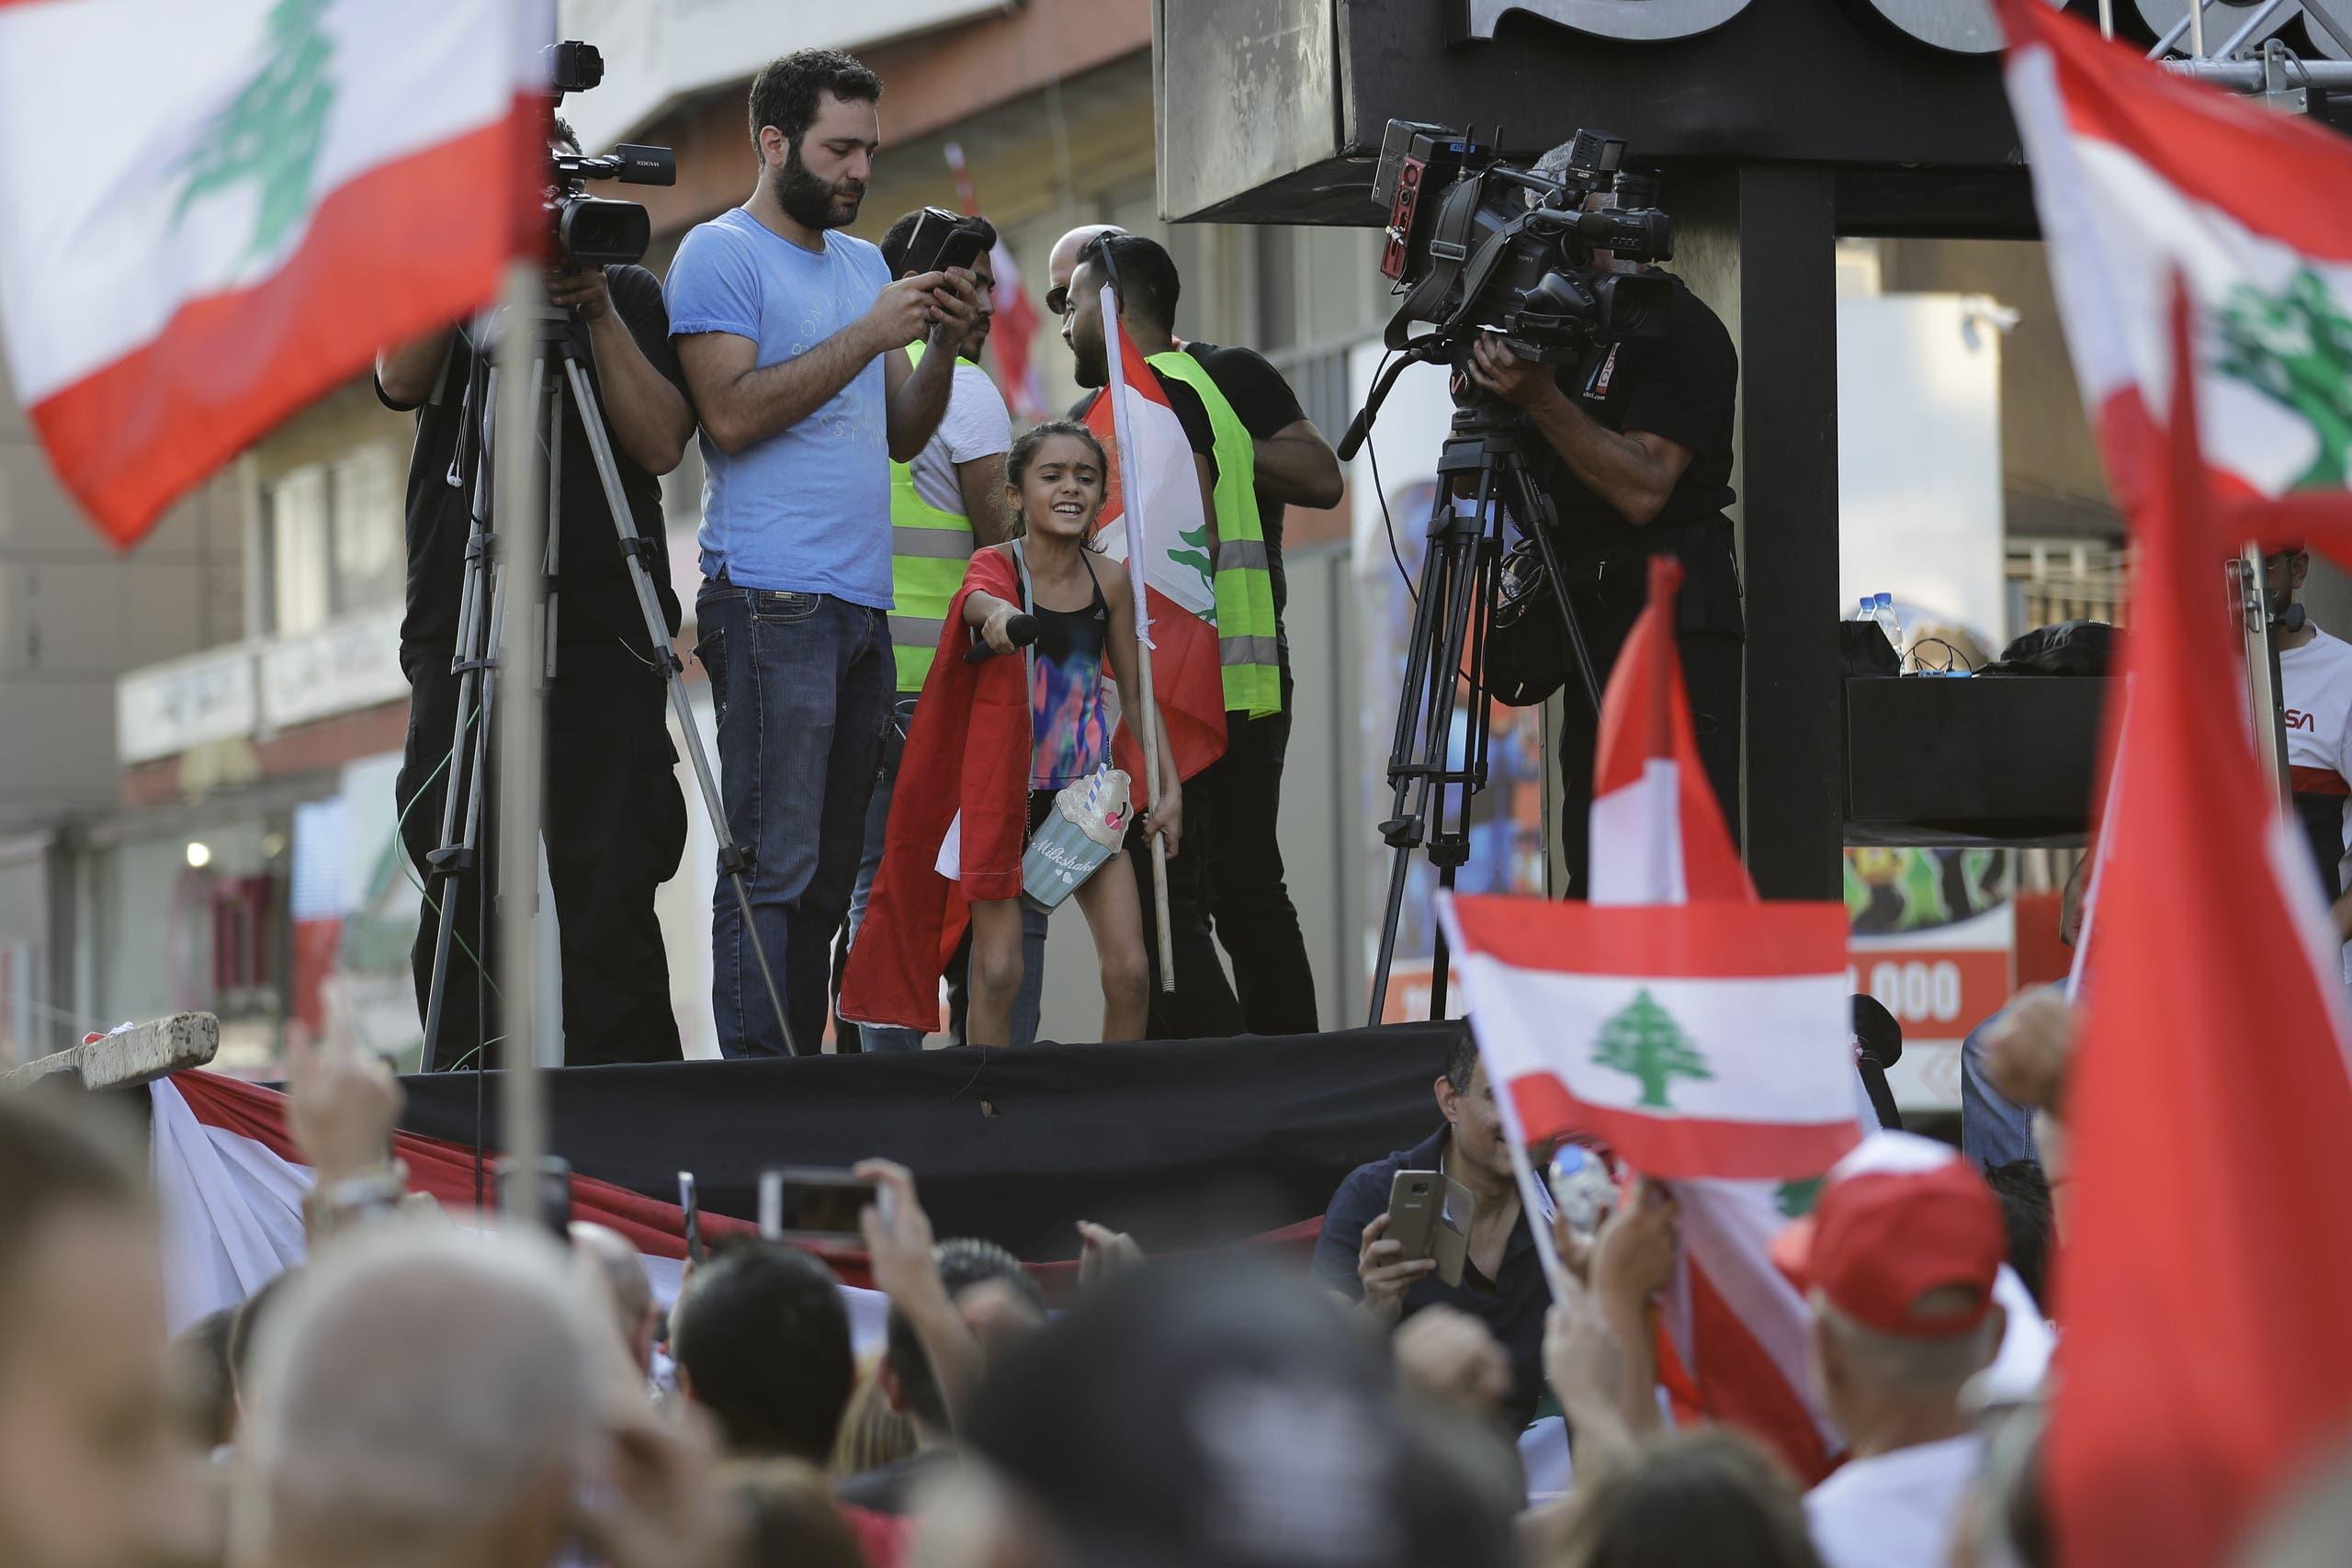 طفلة تصرخ ضد الحكام على منصة ضمن احتجاجات بيروت